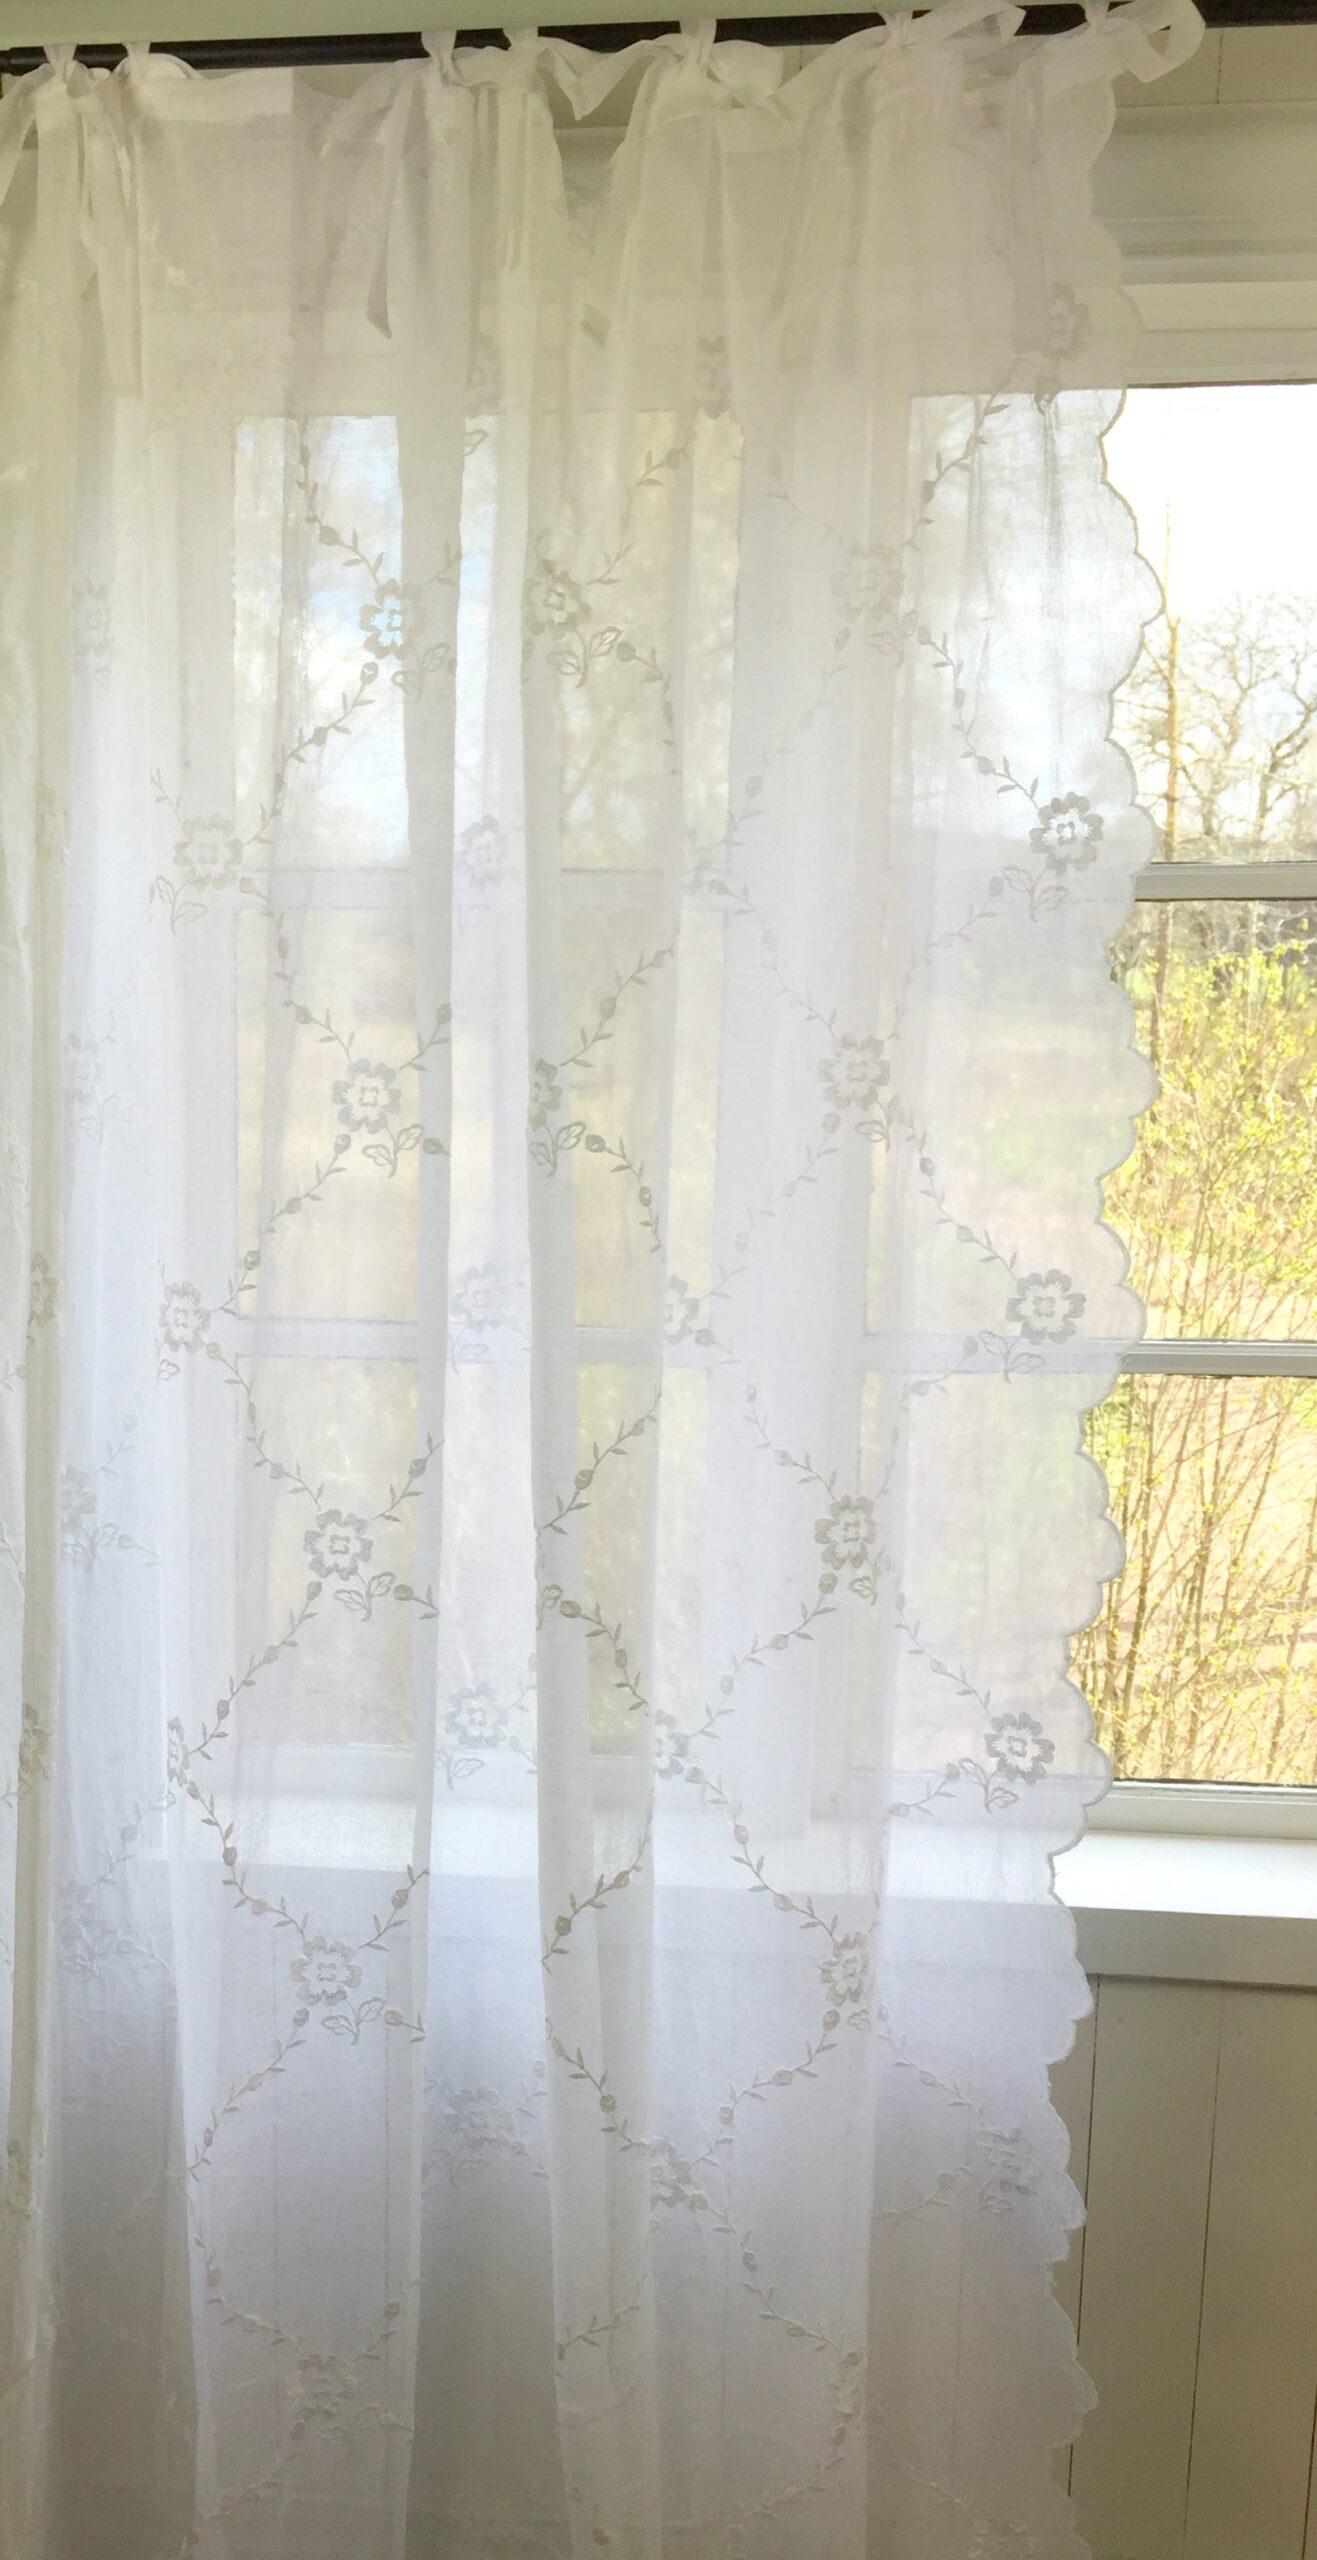 Full Size of Gardinen Schlafzimmer Landhausstil Landhaus Kommoden Küche Deckenleuchten Wohnzimmer Regal Lampe Rauch Teppich Wandbilder Fenster Wandlampe Vorhänge Bett Wohnzimmer Gardinen Schlafzimmer Landhausstil